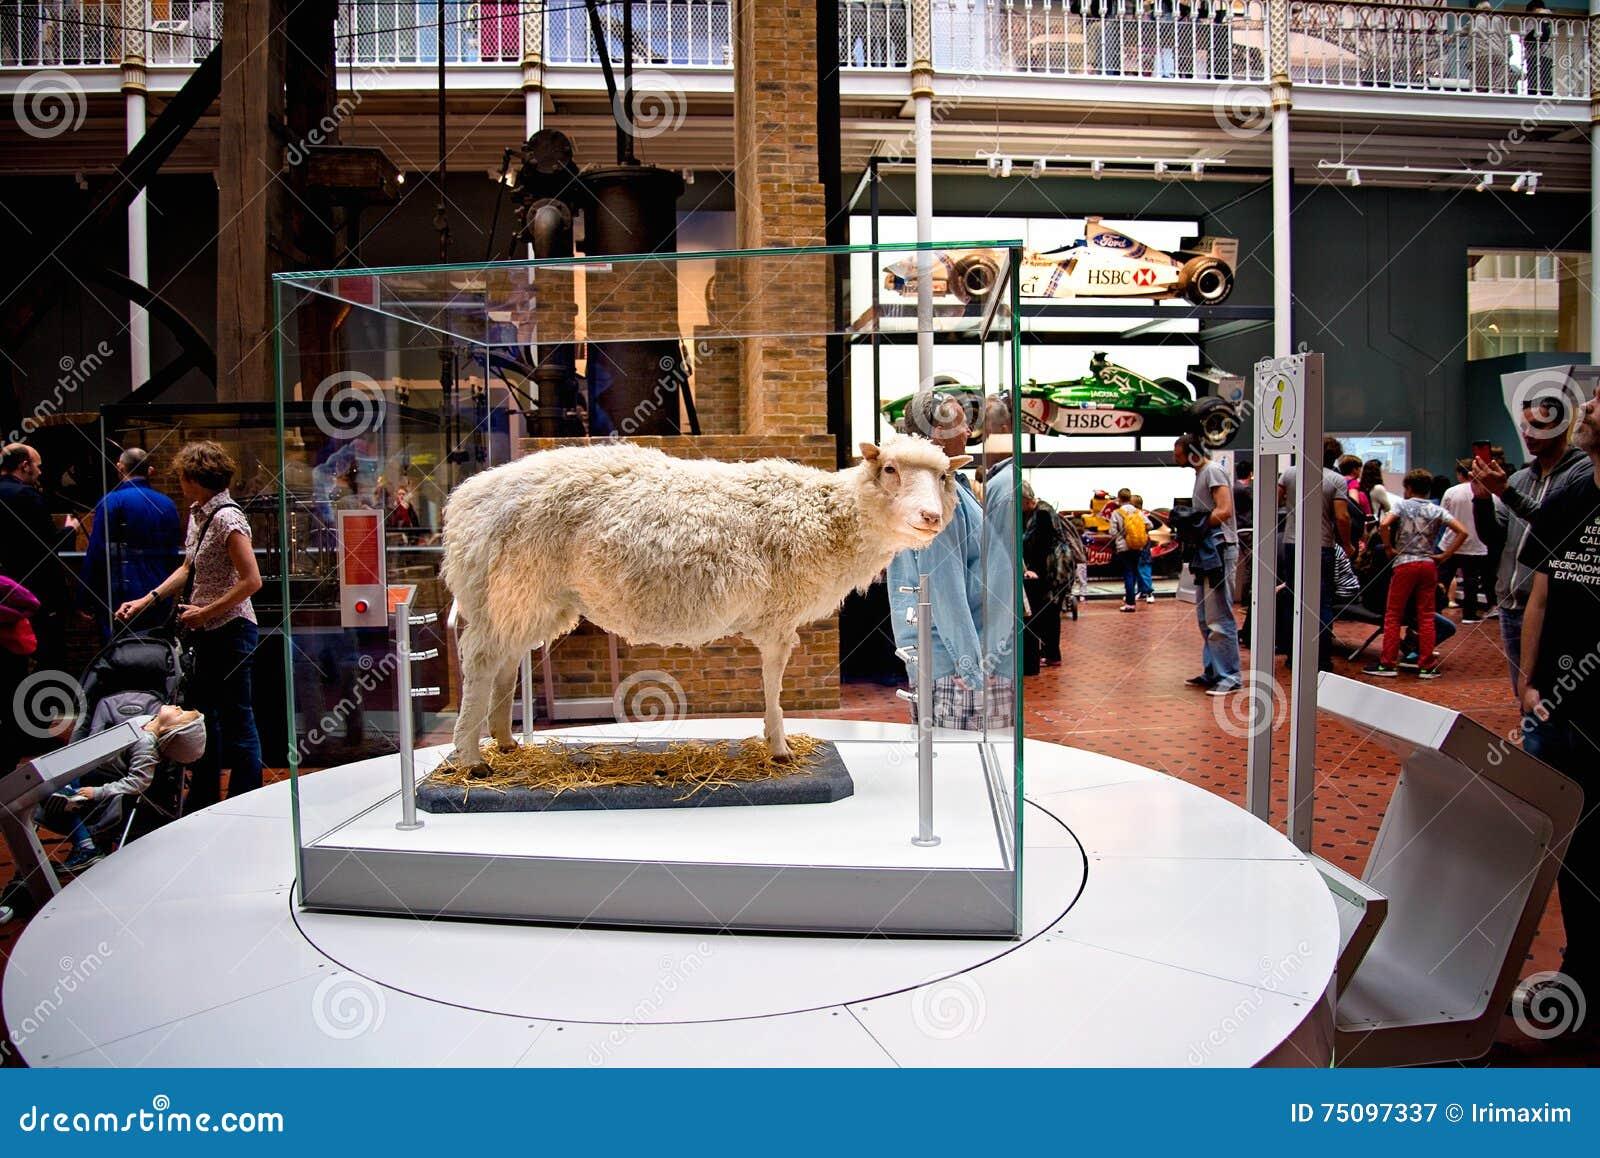 Το πρώτο κλωνοποιημένο θηλαστικό μετακινείται τα πρόβατα